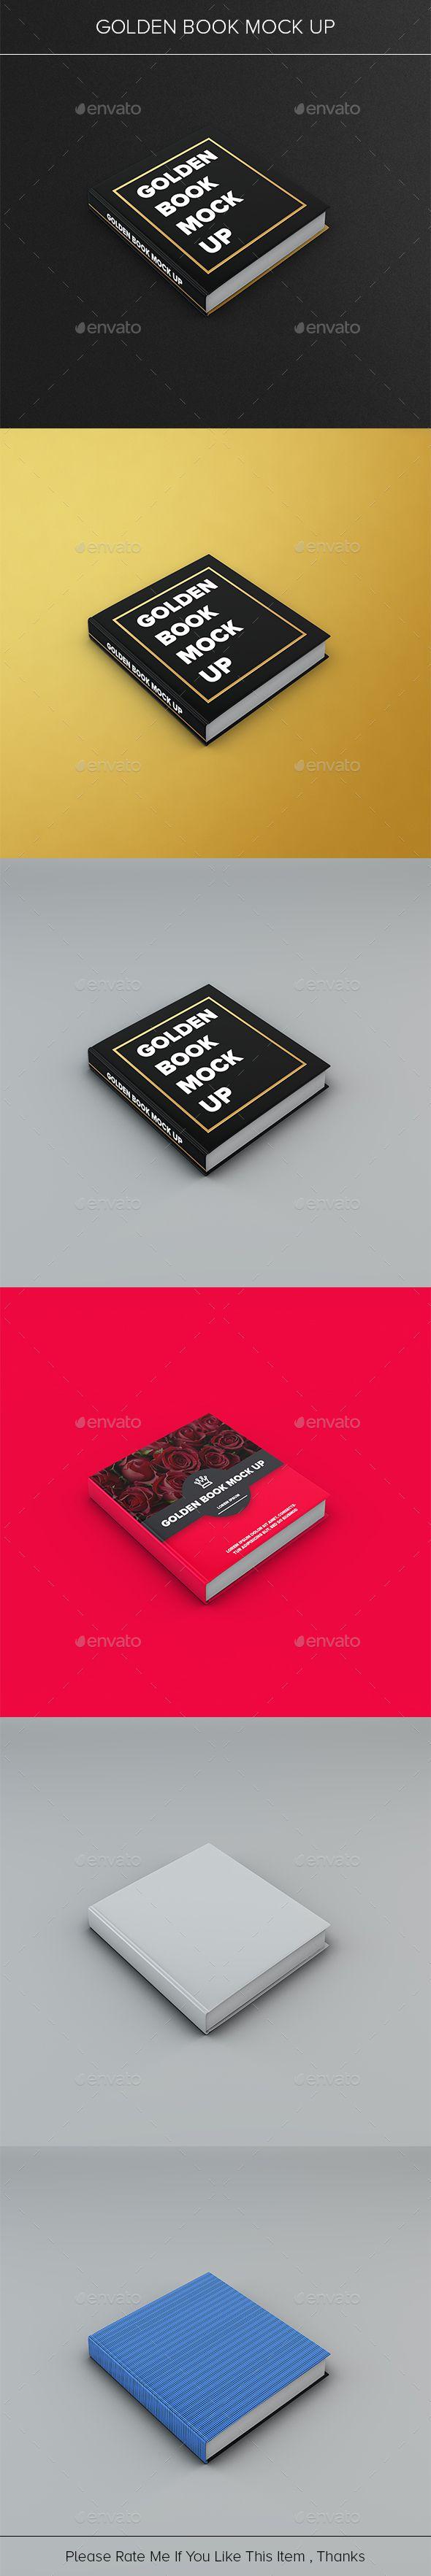 Golden Book Mock Up Print Mockup Mockup Graphic Design Templates